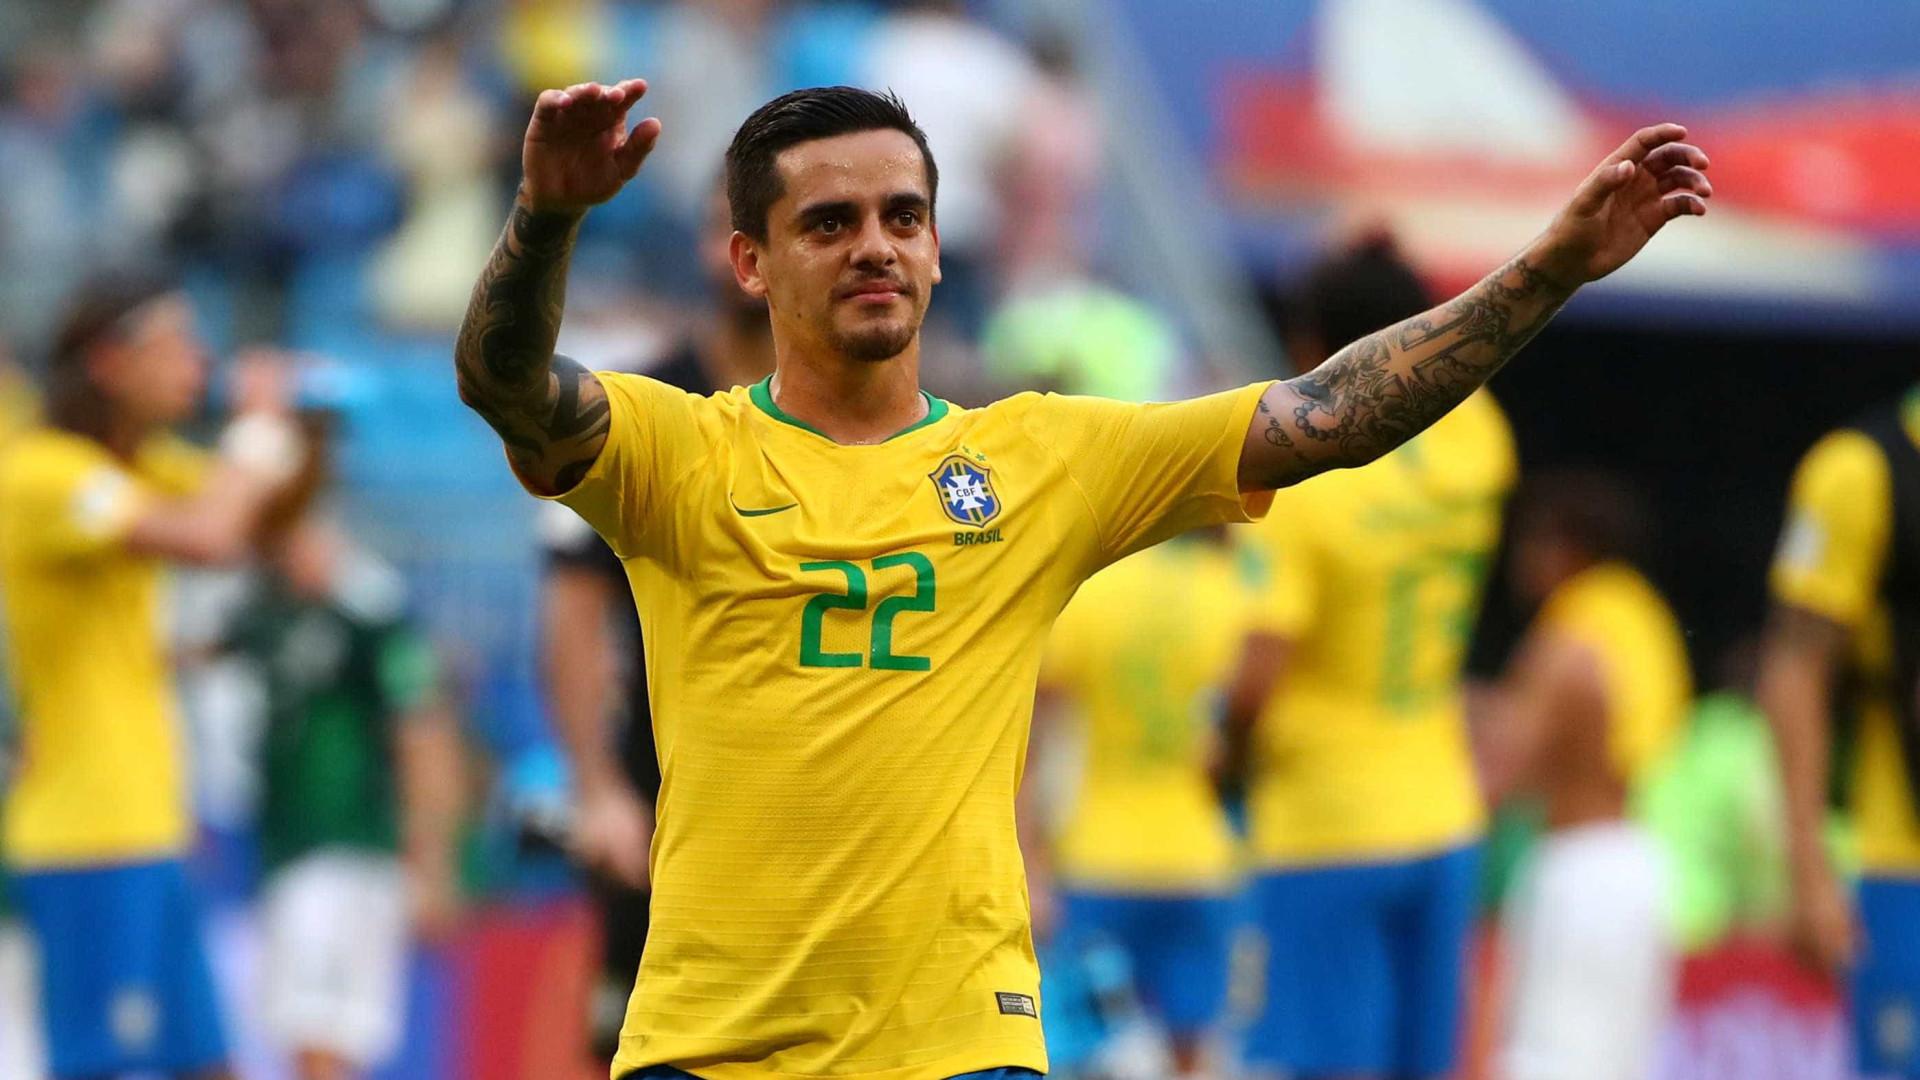 Amistoso da seleção pode tirar jogadores da Copa do Brasil